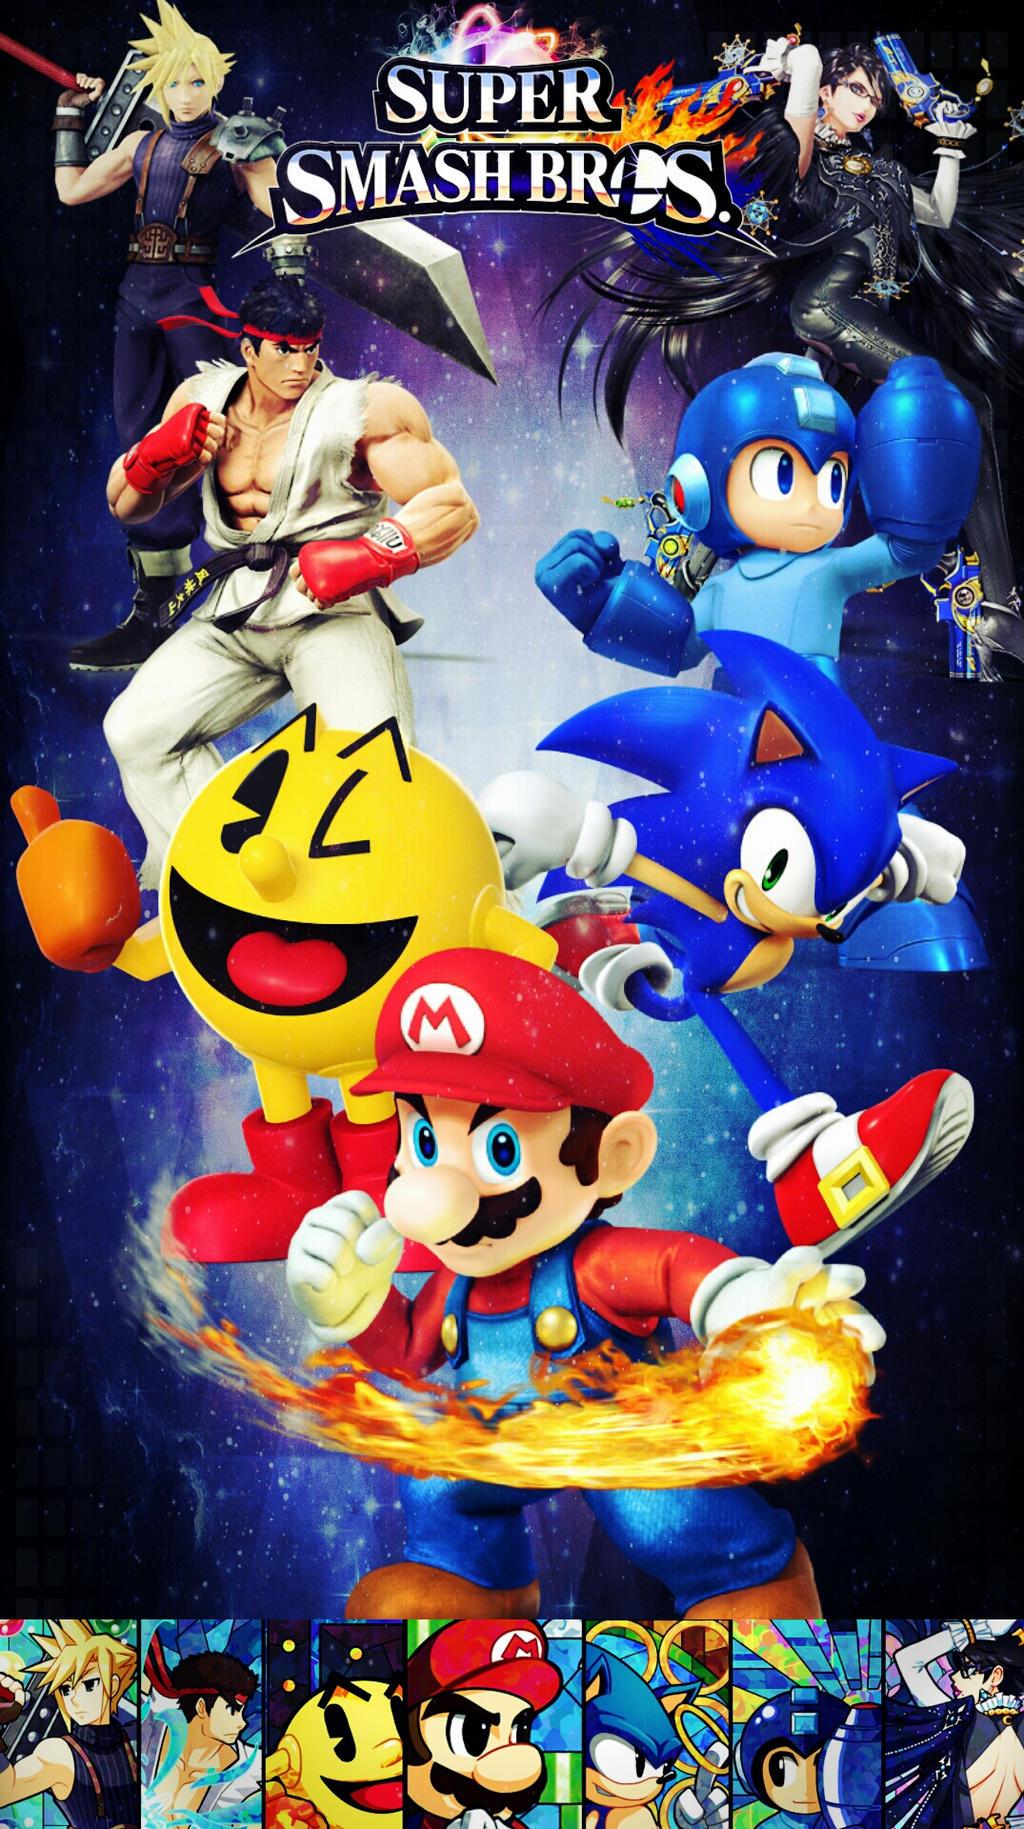 Super Smash Bros phone wallpaper by SabdierZ on DeviantArt